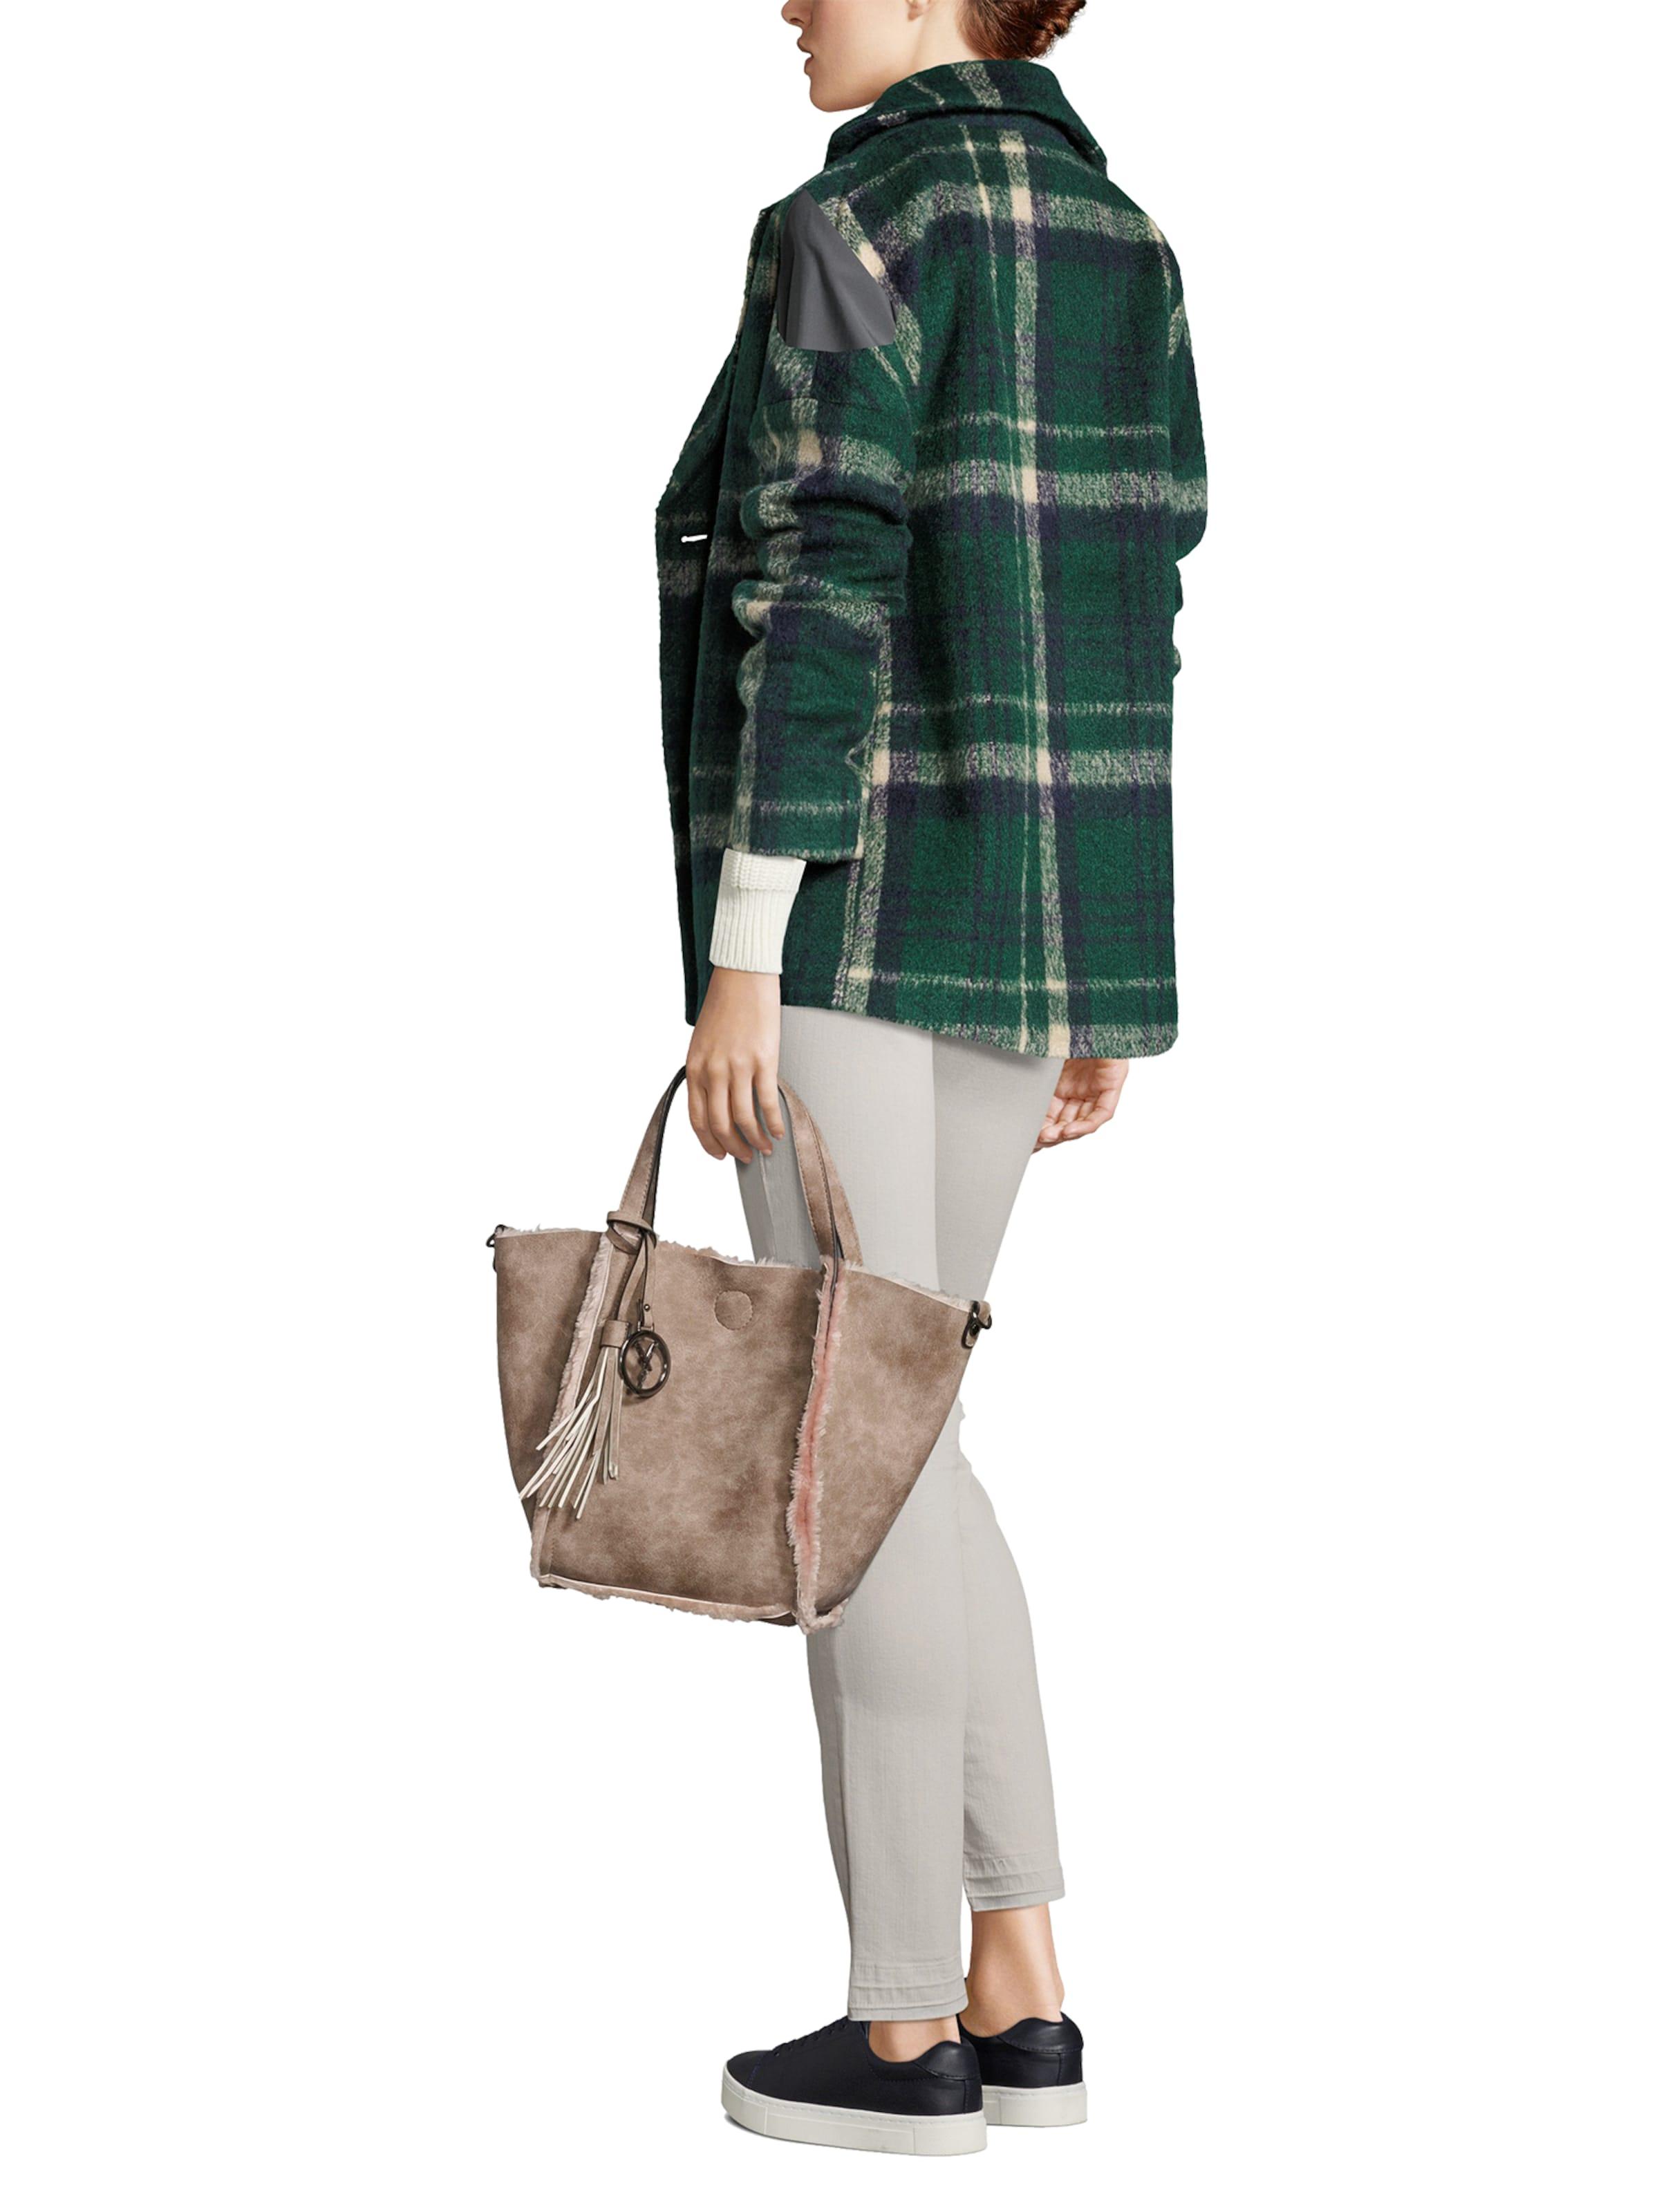 'nessy' Rosa Frey Suri Shopper In 3RA5j4L